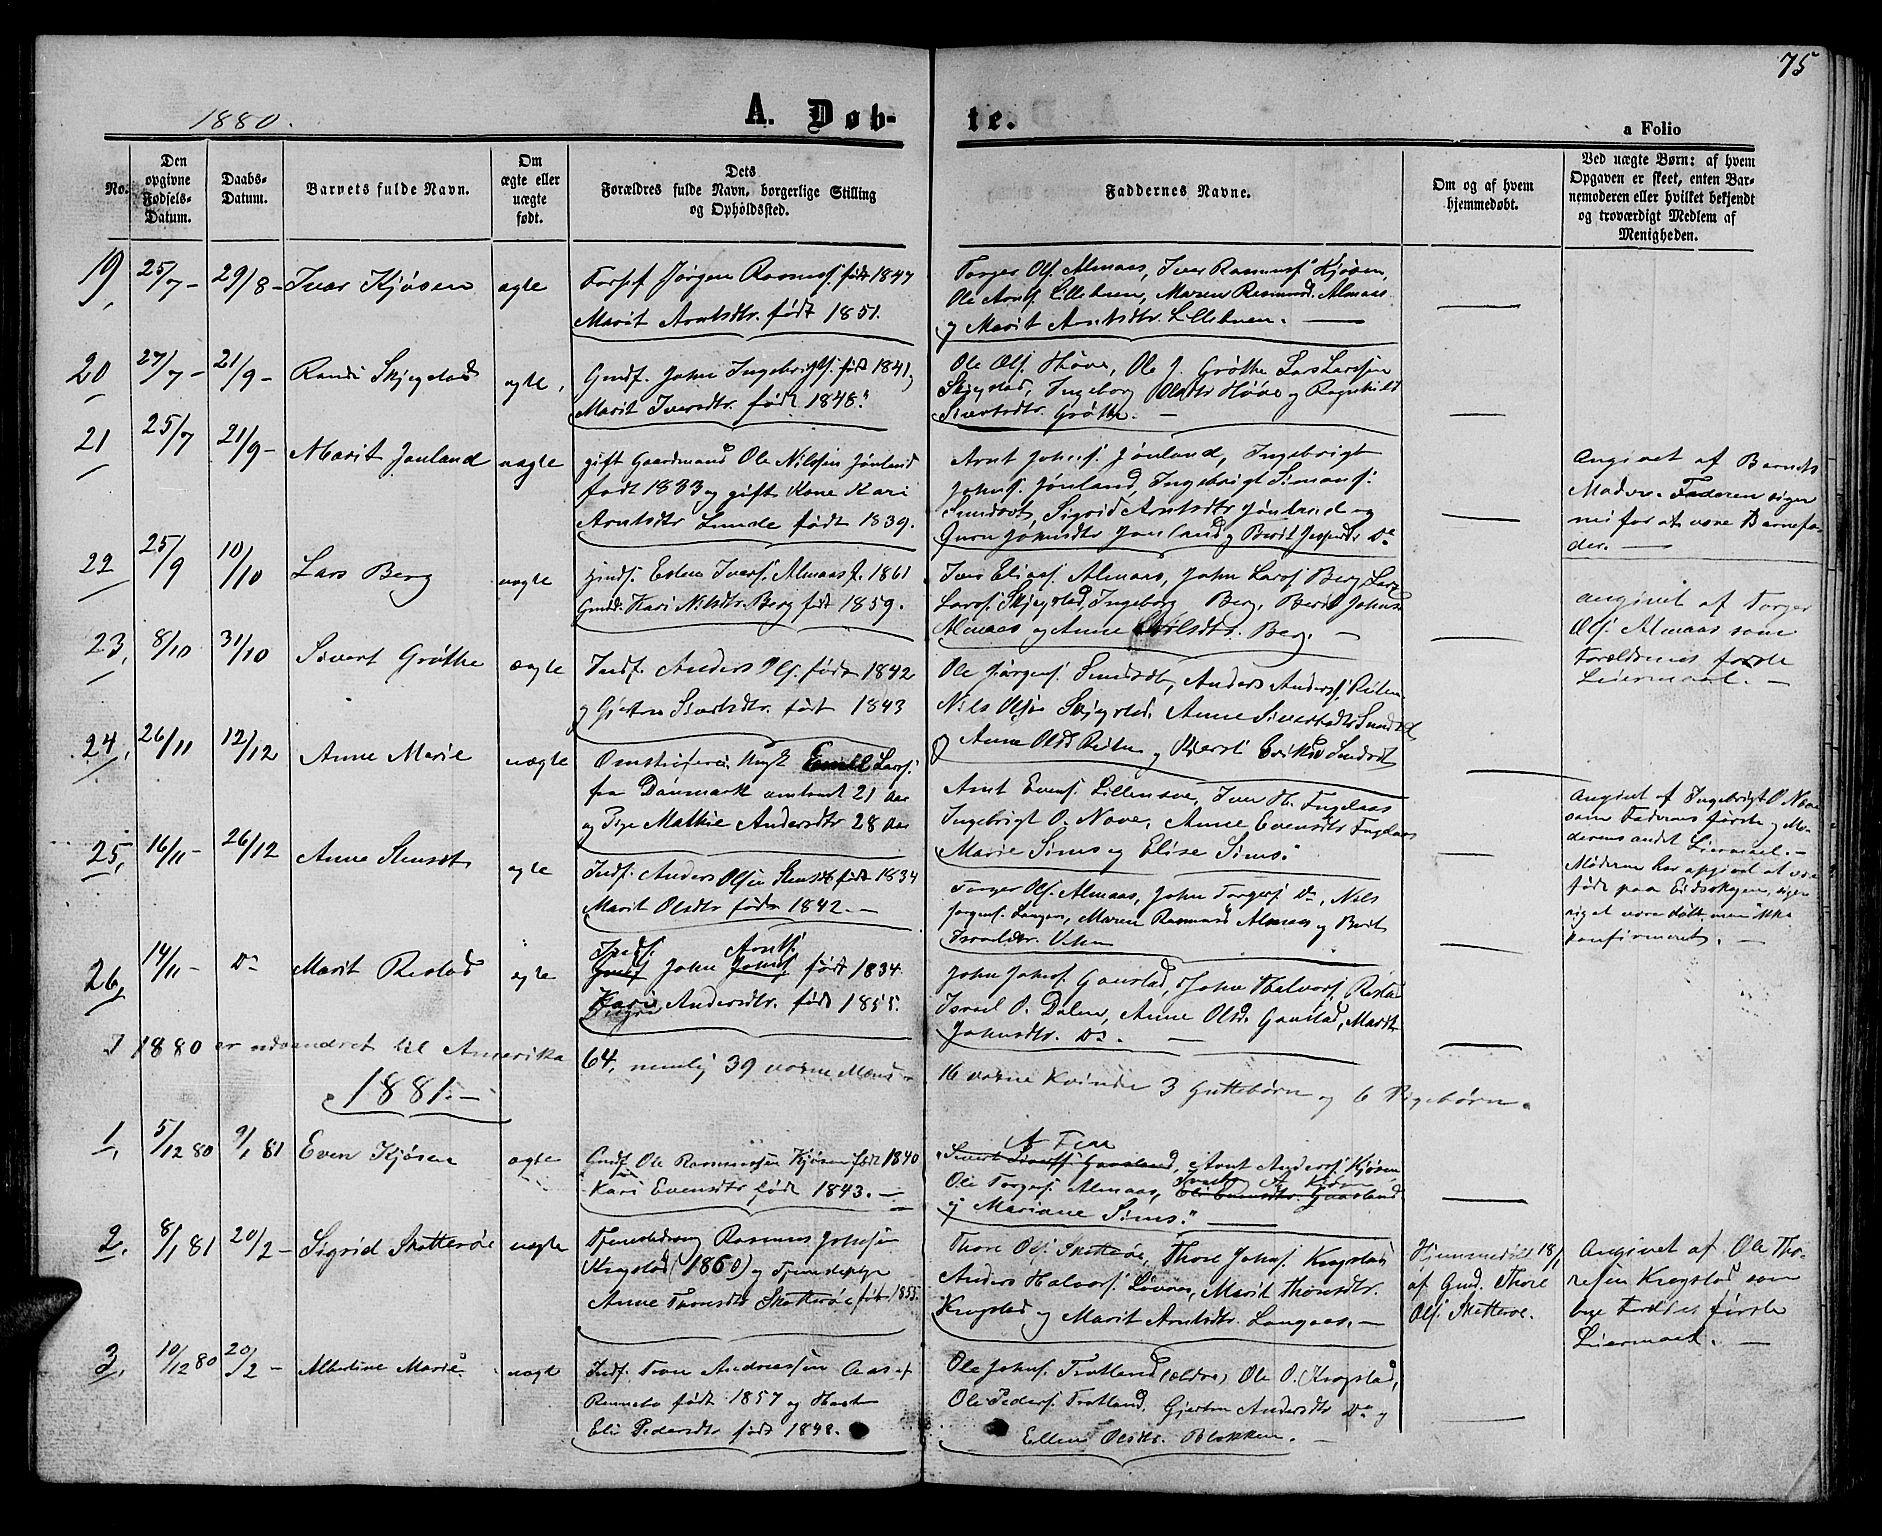 SAT, Ministerialprotokoller, klokkerbøker og fødselsregistre - Sør-Trøndelag, 694/L1131: Klokkerbok nr. 694C03, 1858-1886, s. 75